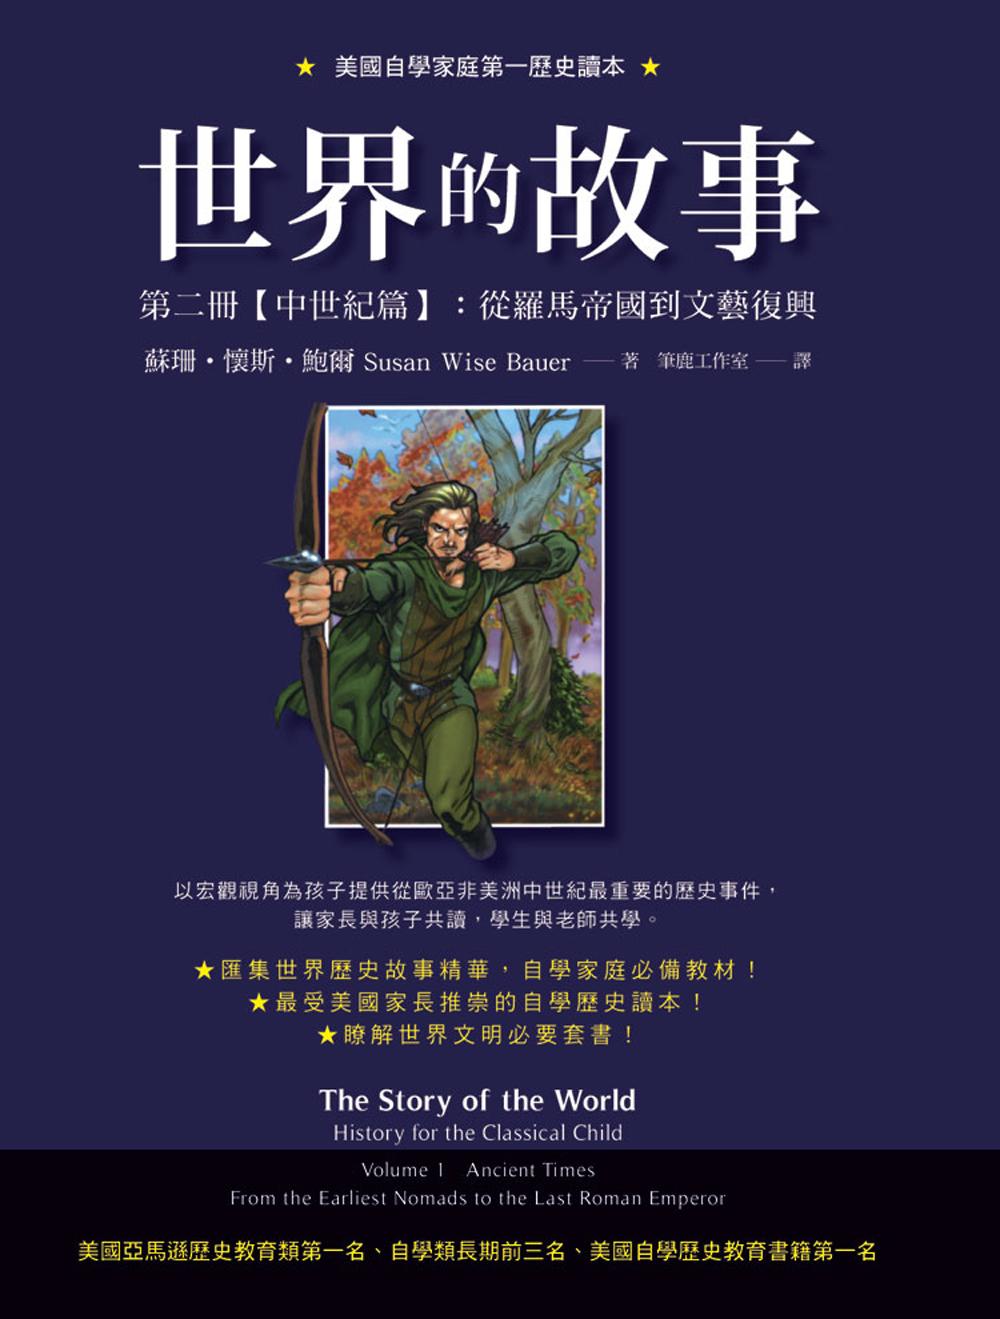 世界的故事 第二冊【中世紀篇】:從羅馬帝國到文藝復興